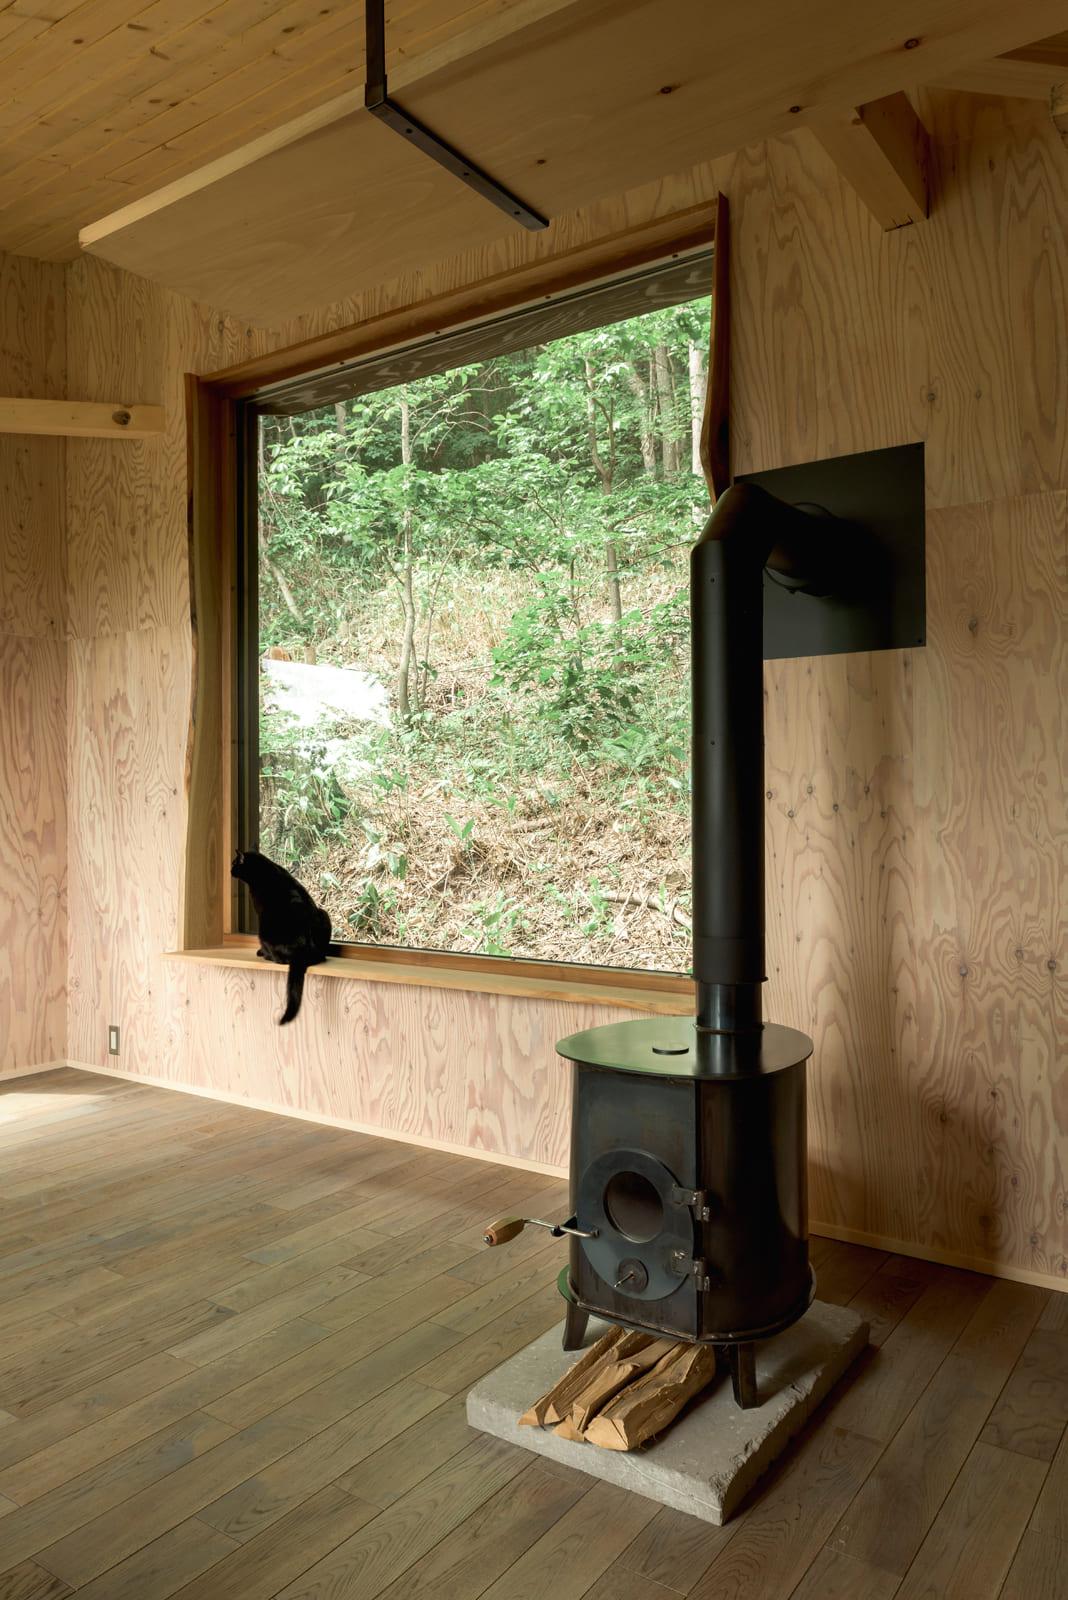 材本来の曲線や樹皮を意匠として生かして付けた窓枠に座っている猫